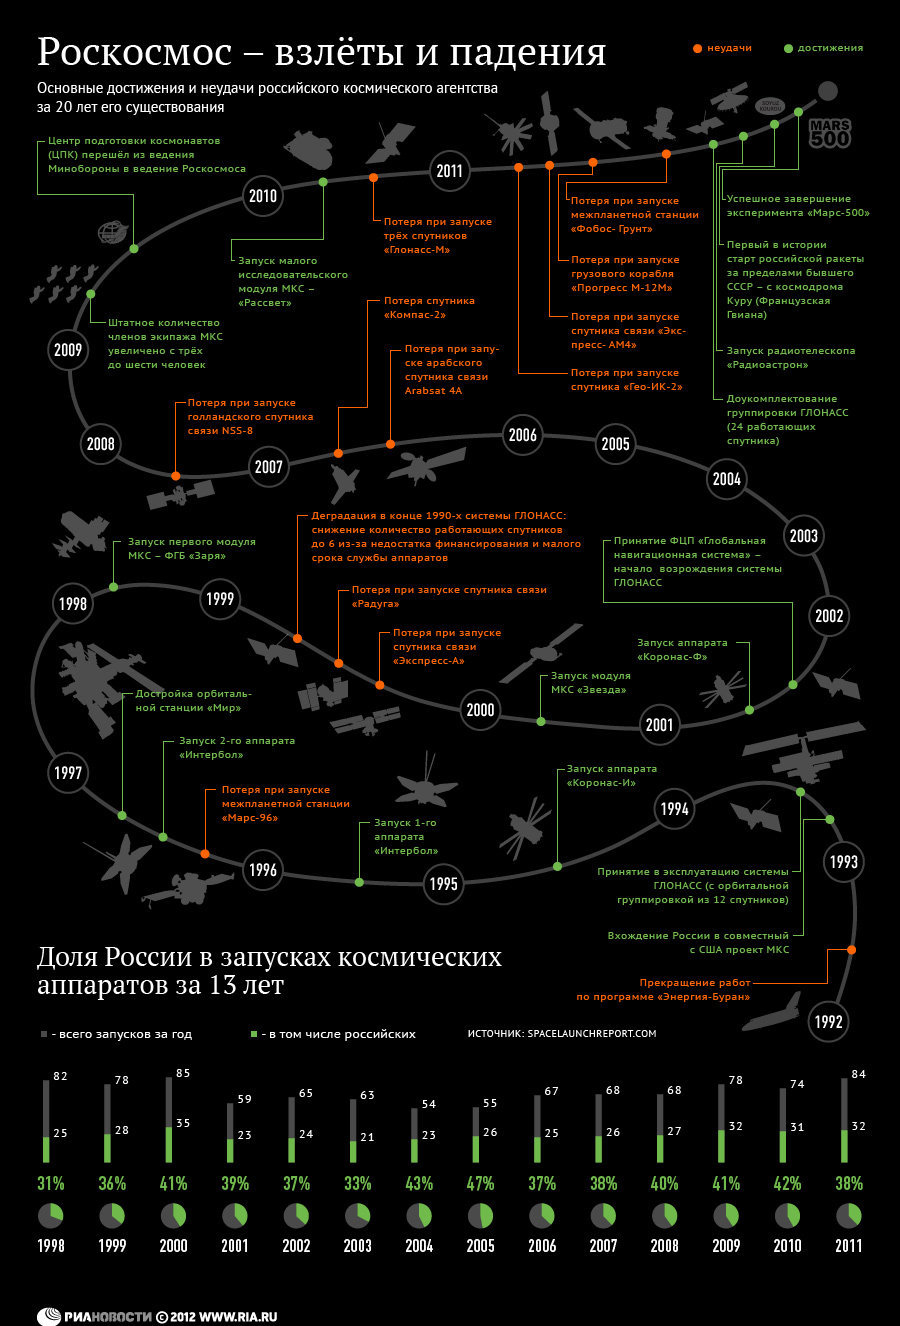 Двадцать лет Роскосмосу: взлеты и падения